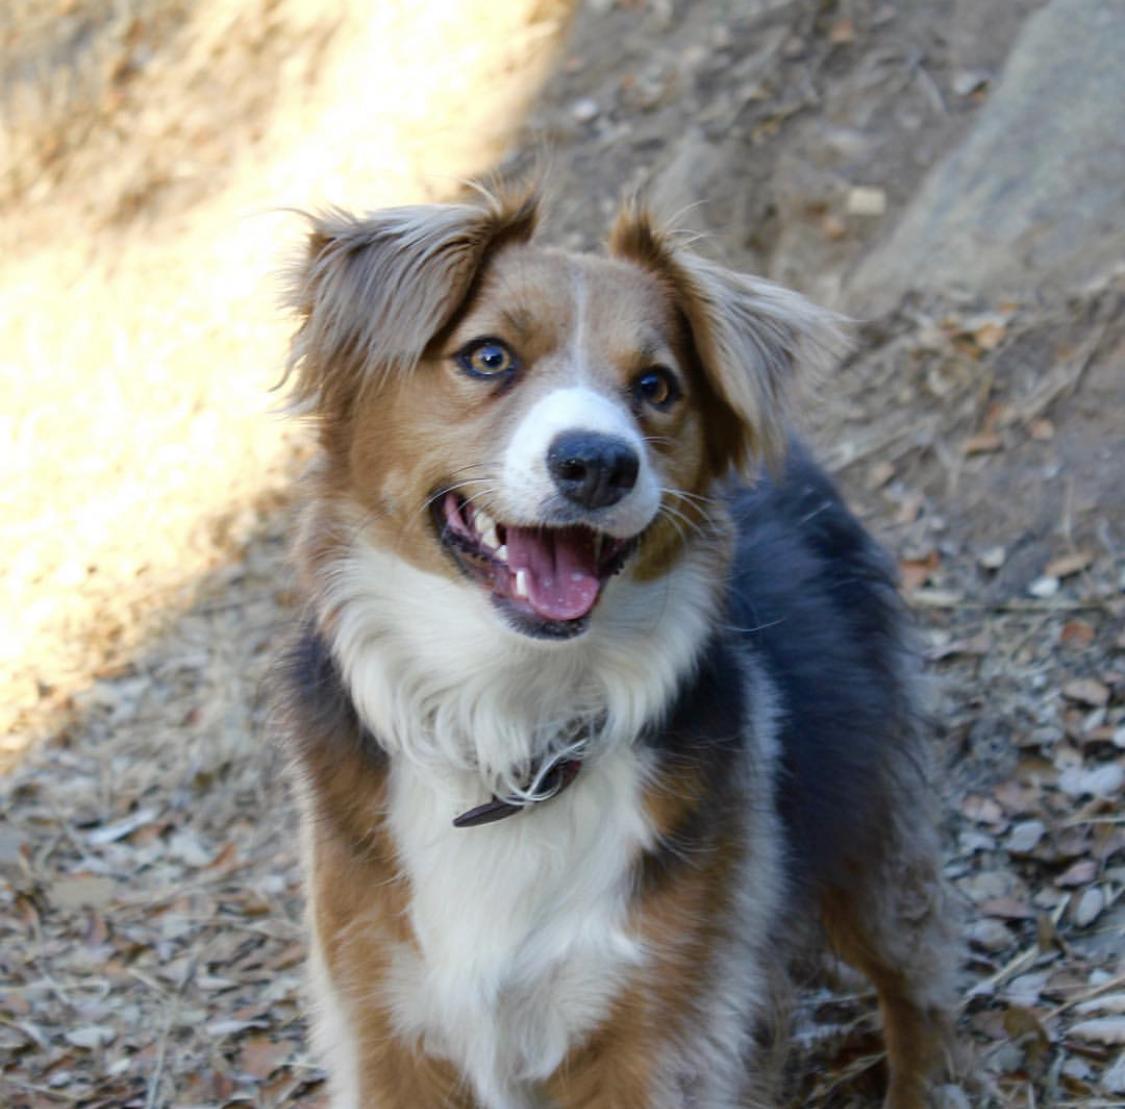 My pup, Sequoia